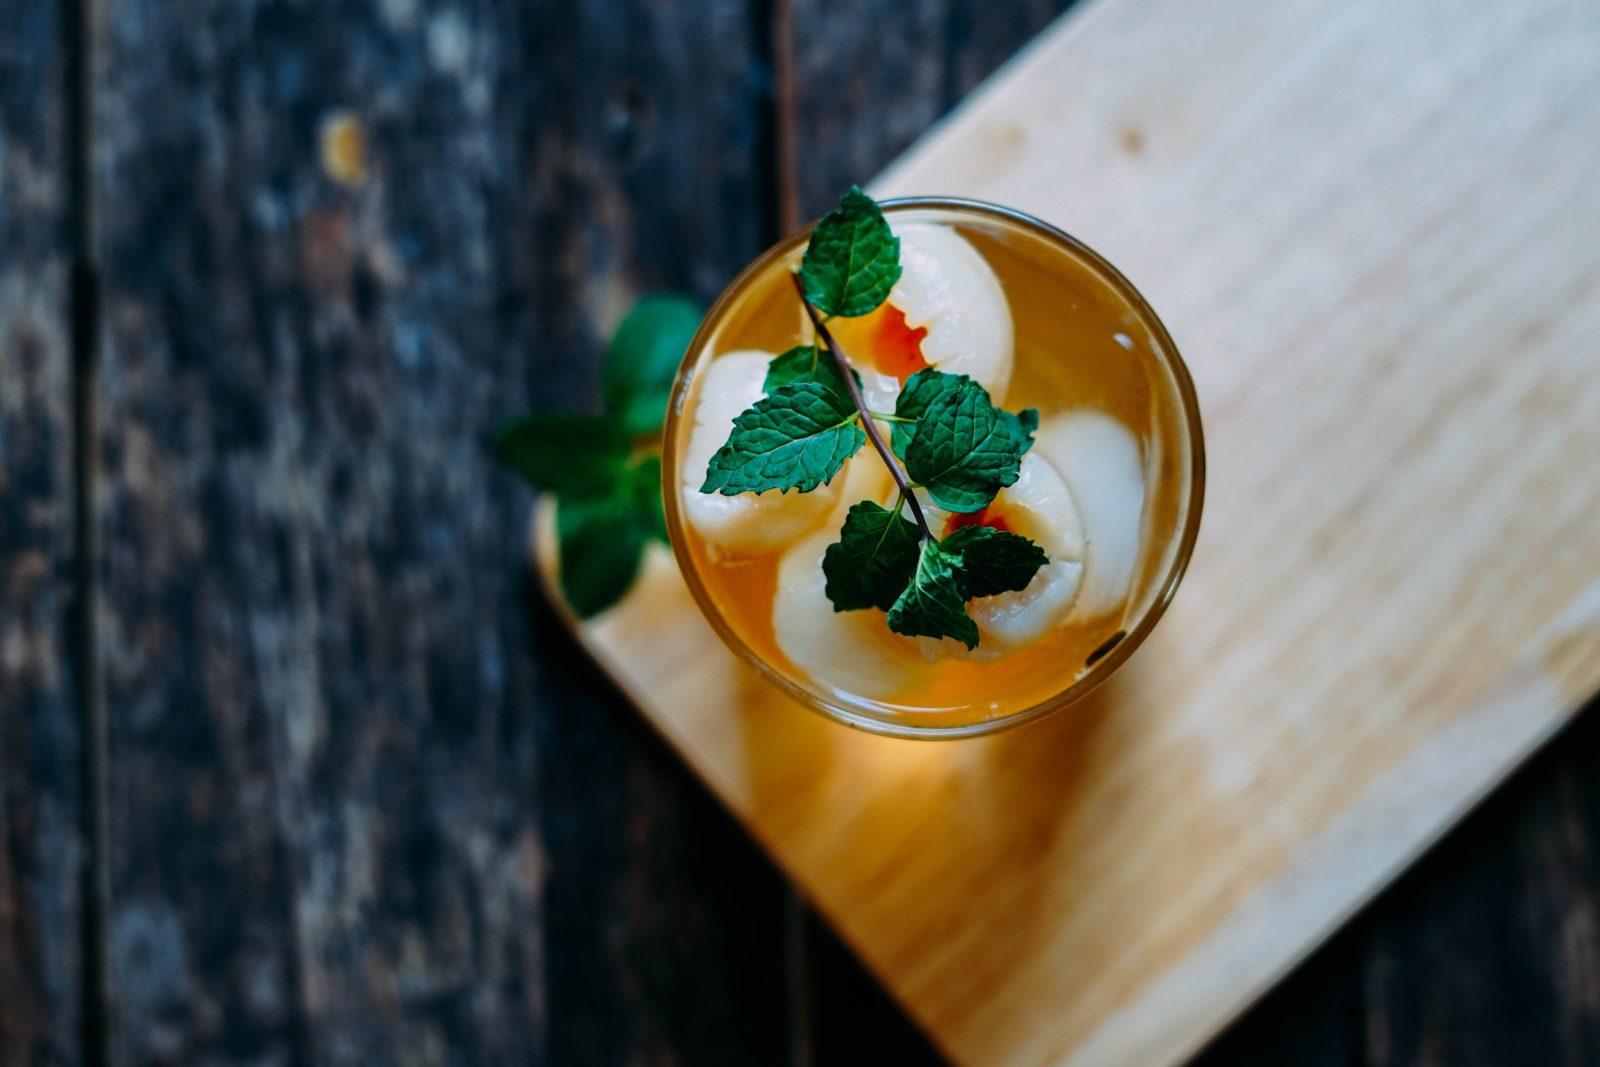 Iced tea can be artisan